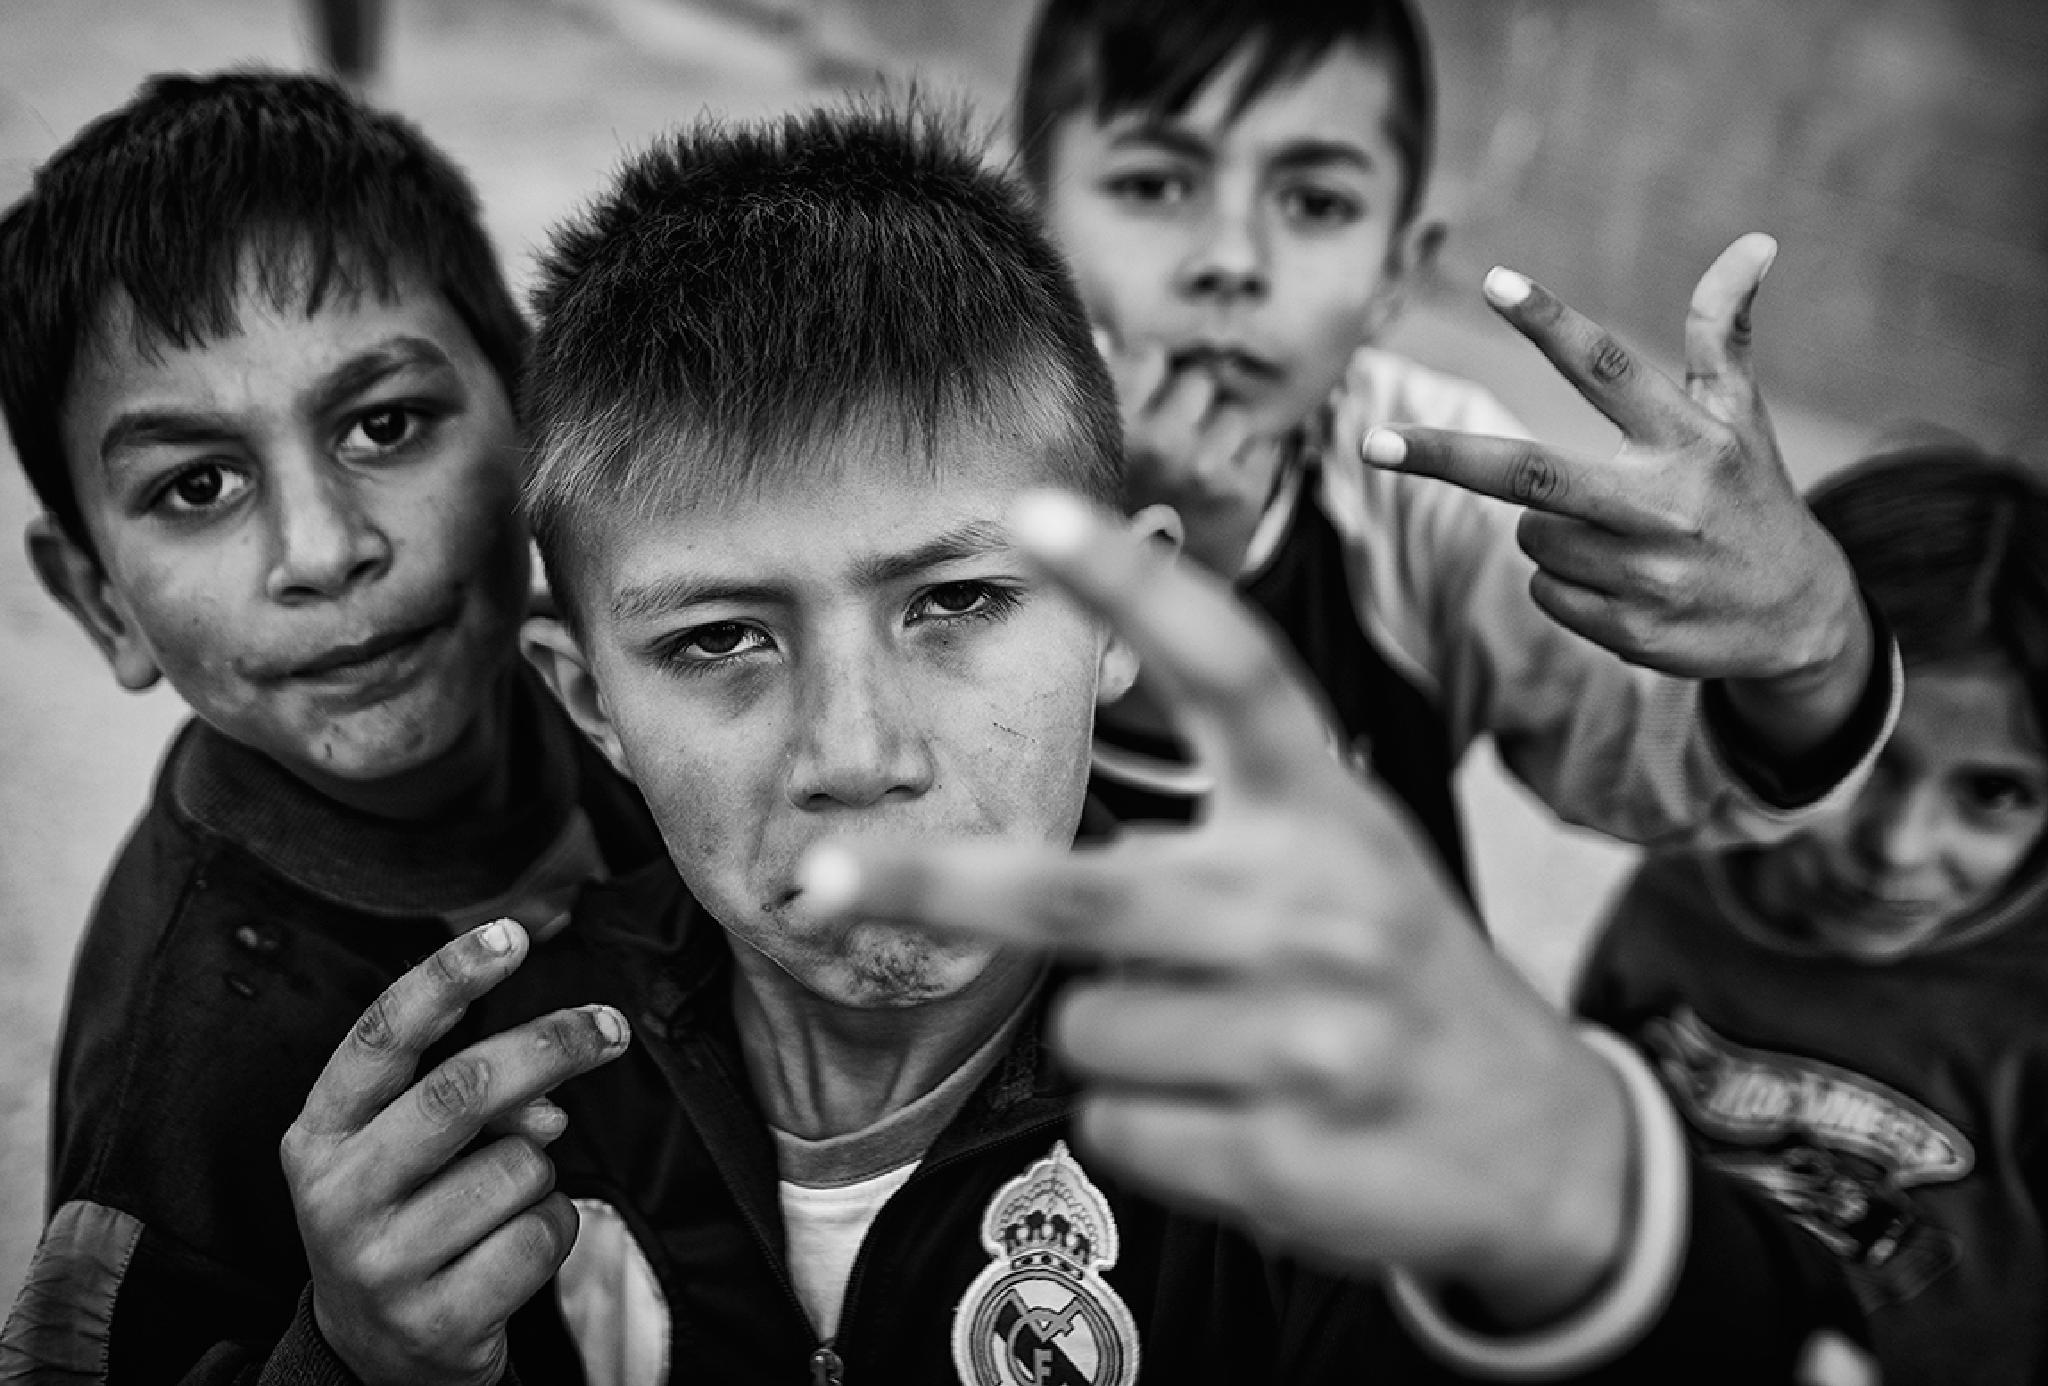 Children by albert.pich